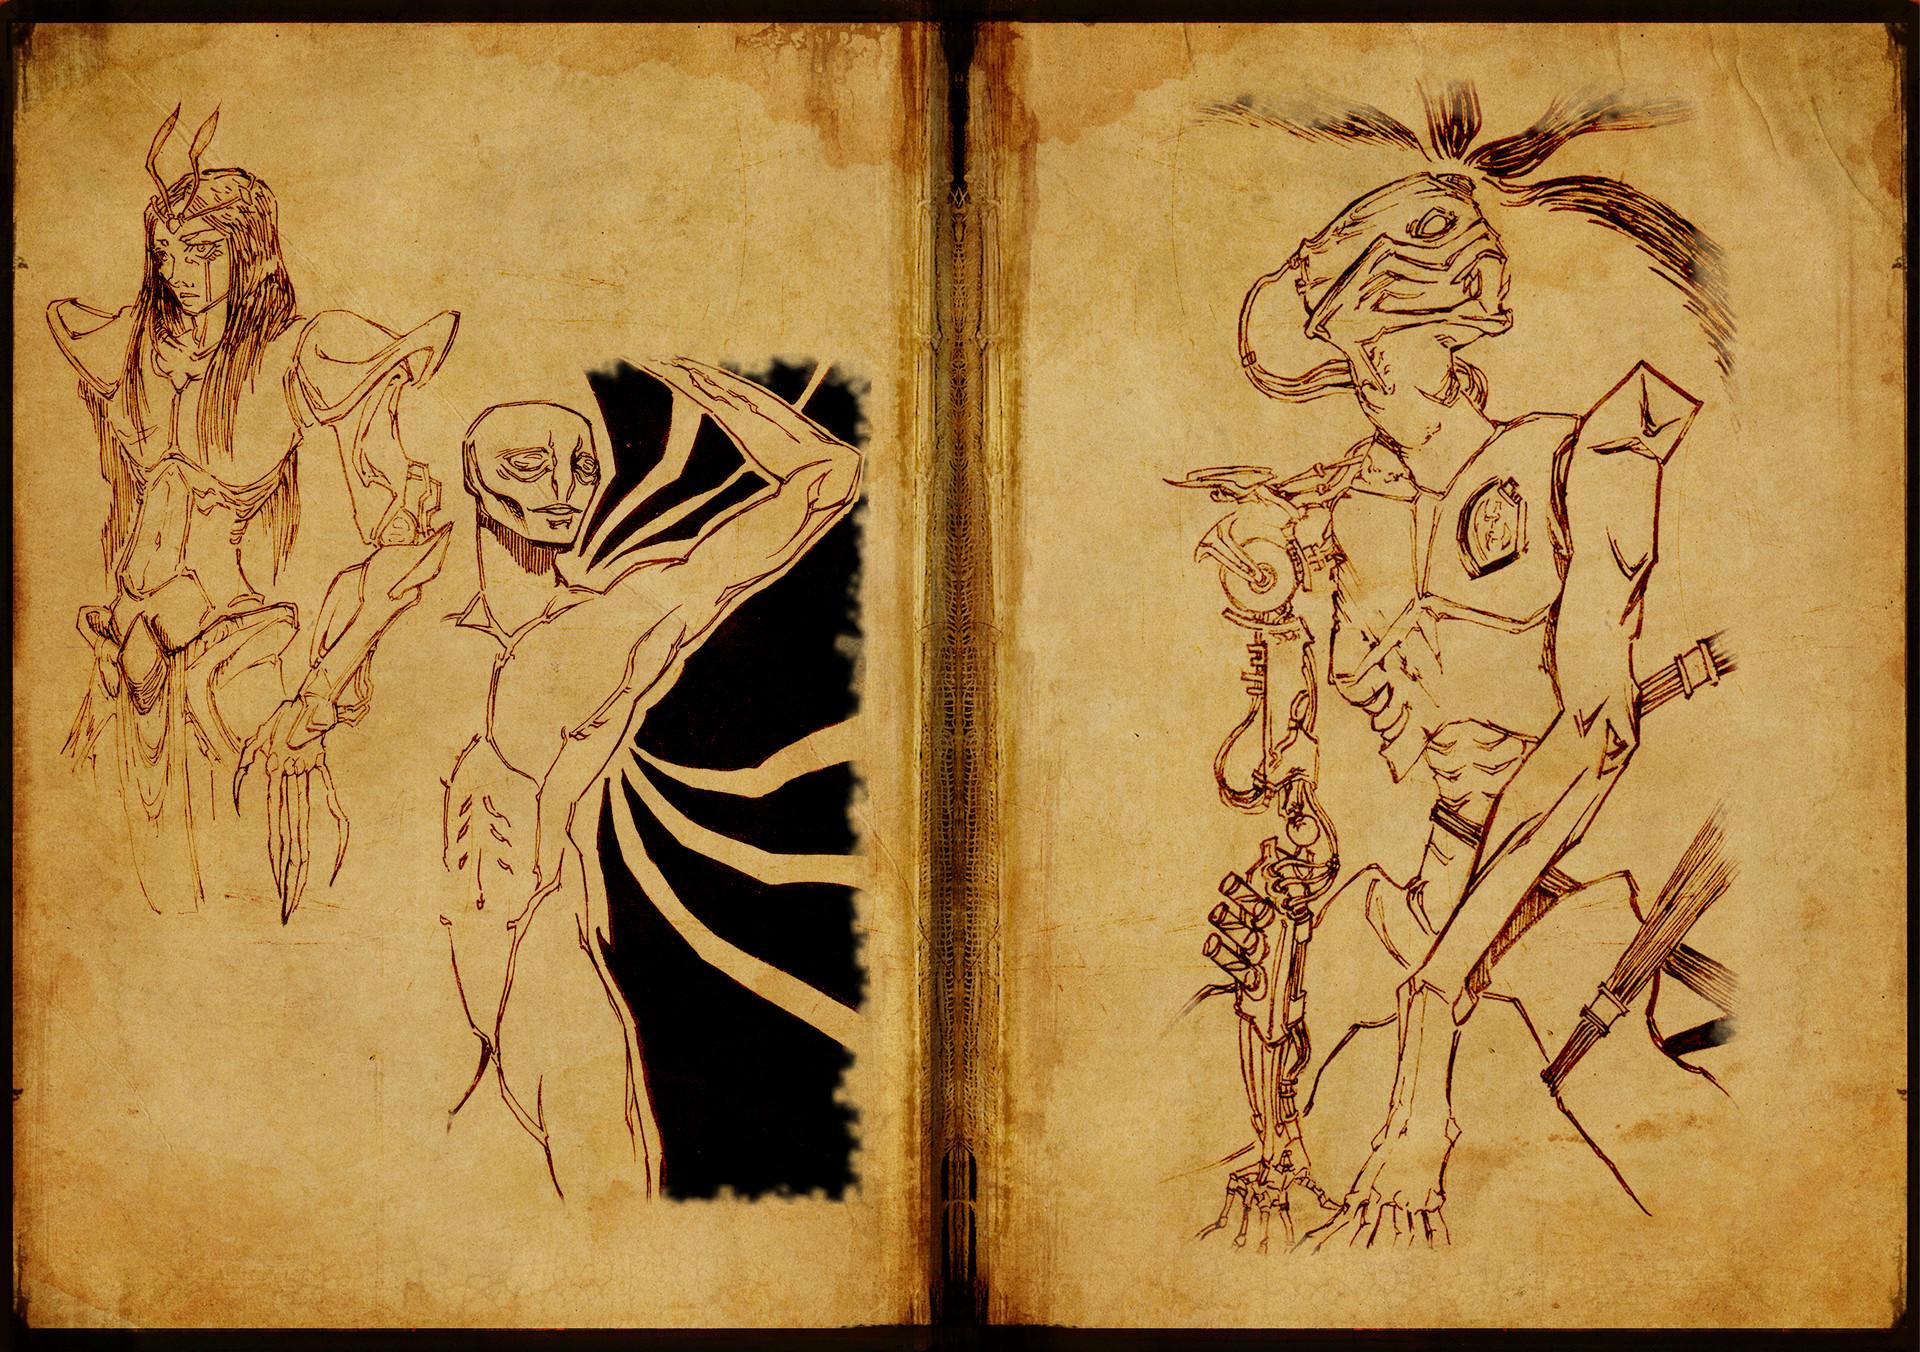 Aliens & cyborgs